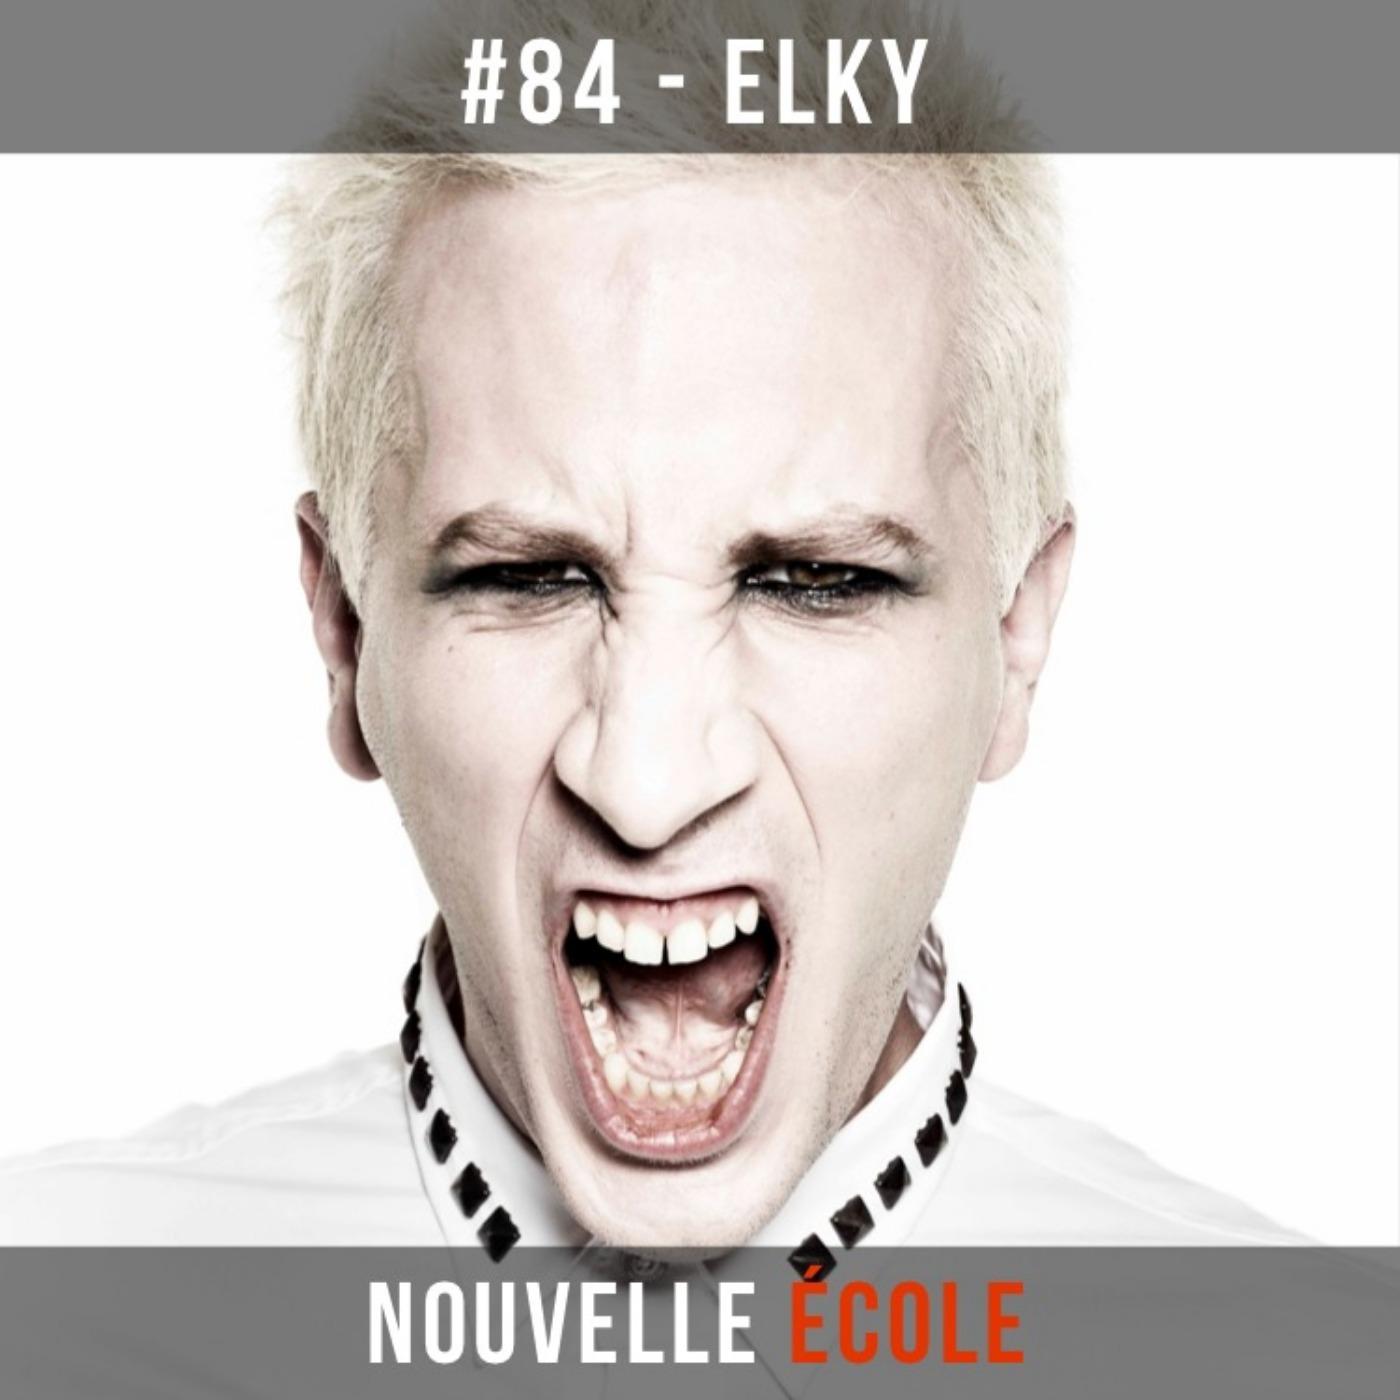 #84 - ElkY : Pas peur de prendre des risques